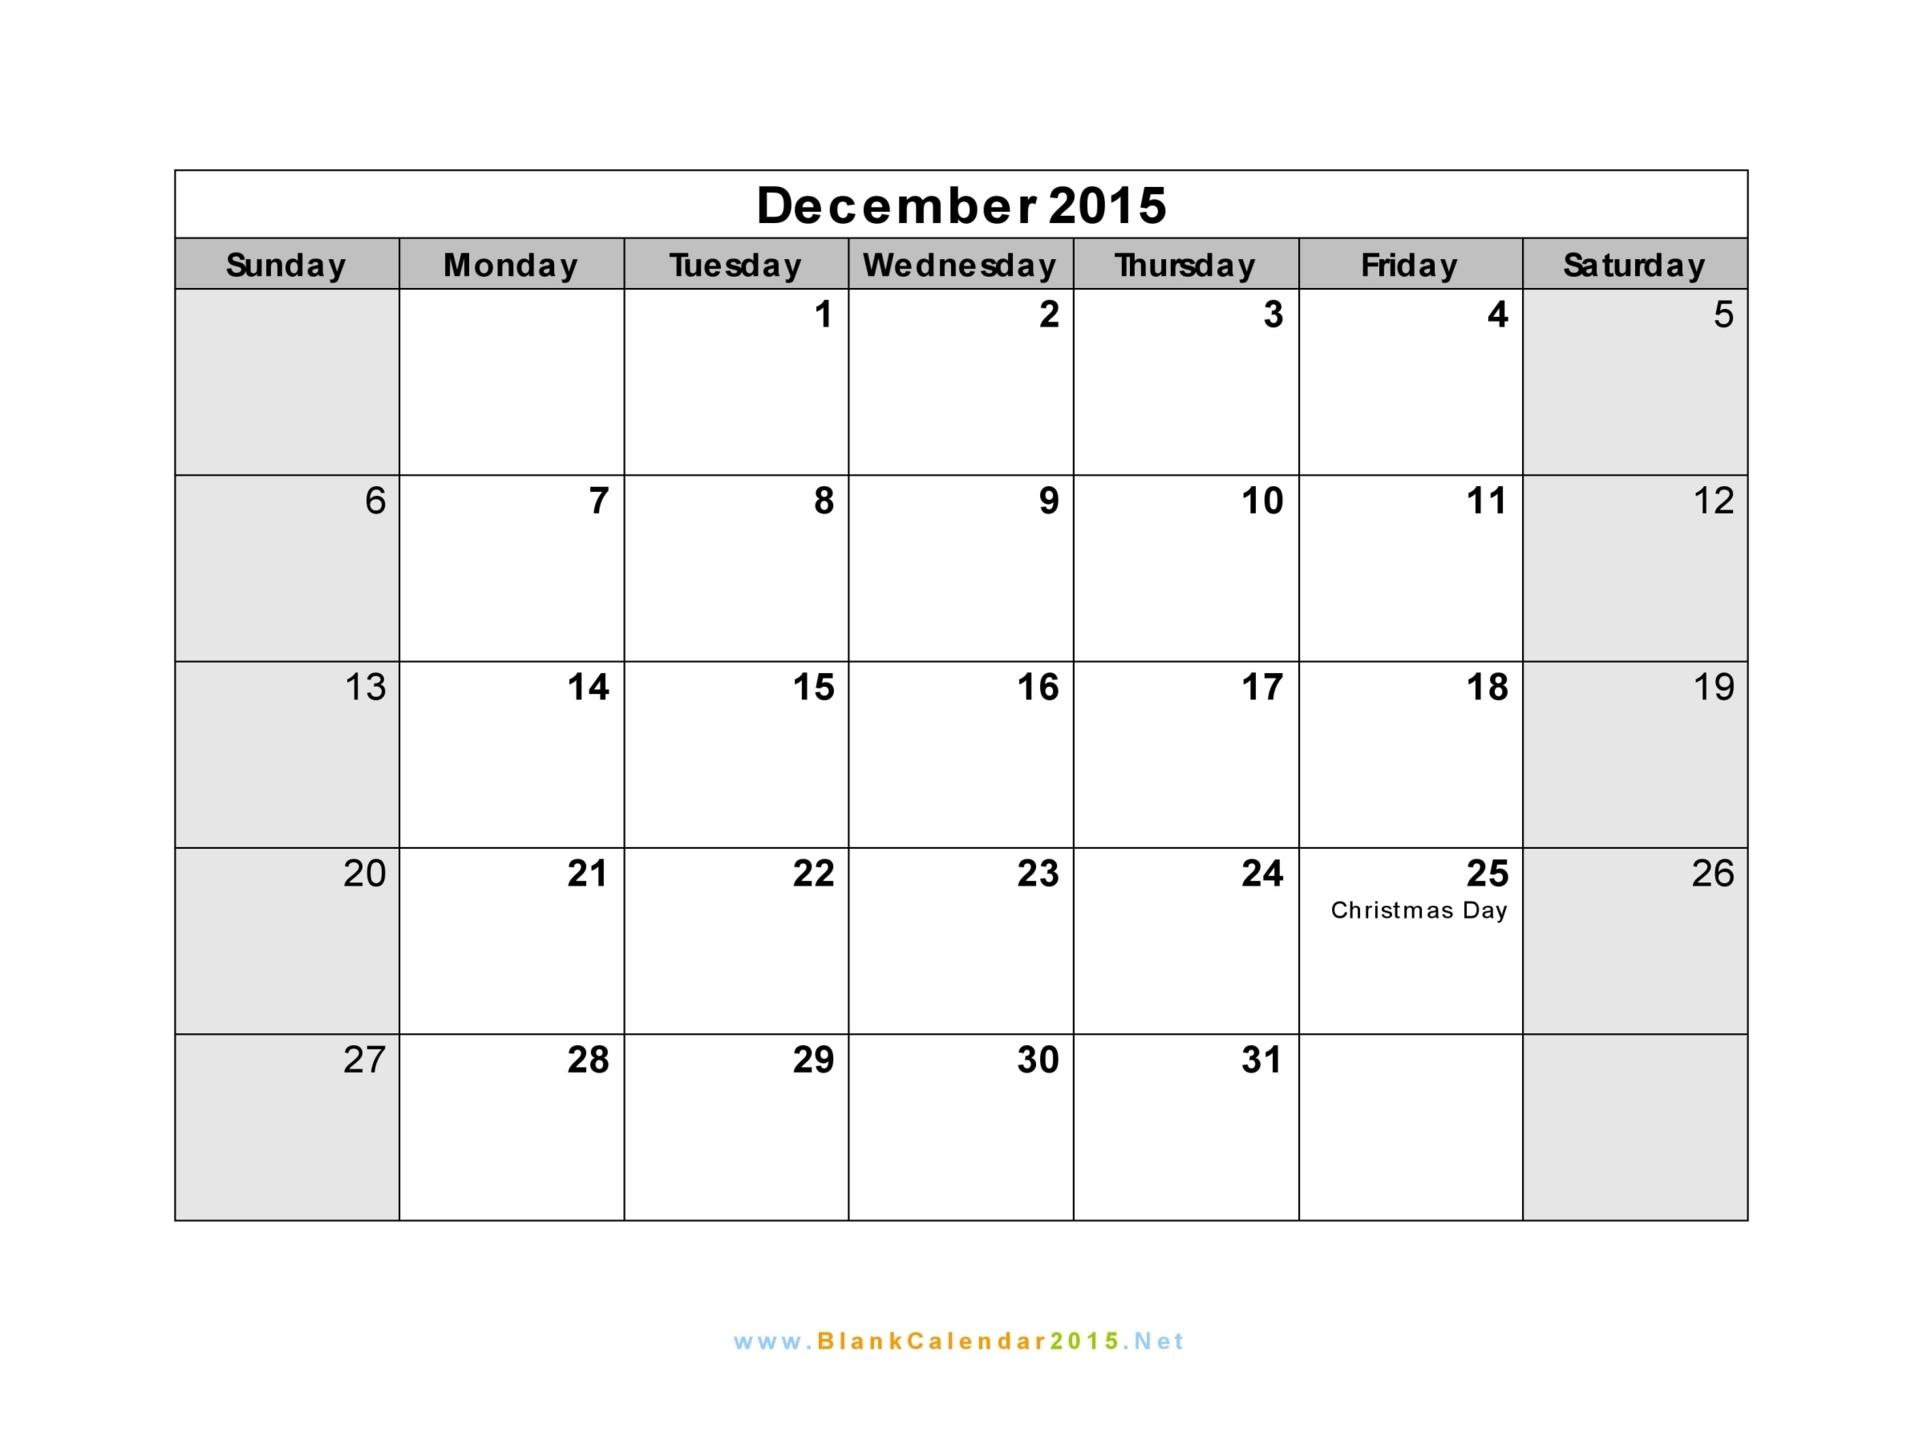 Blank Calendar December 2015